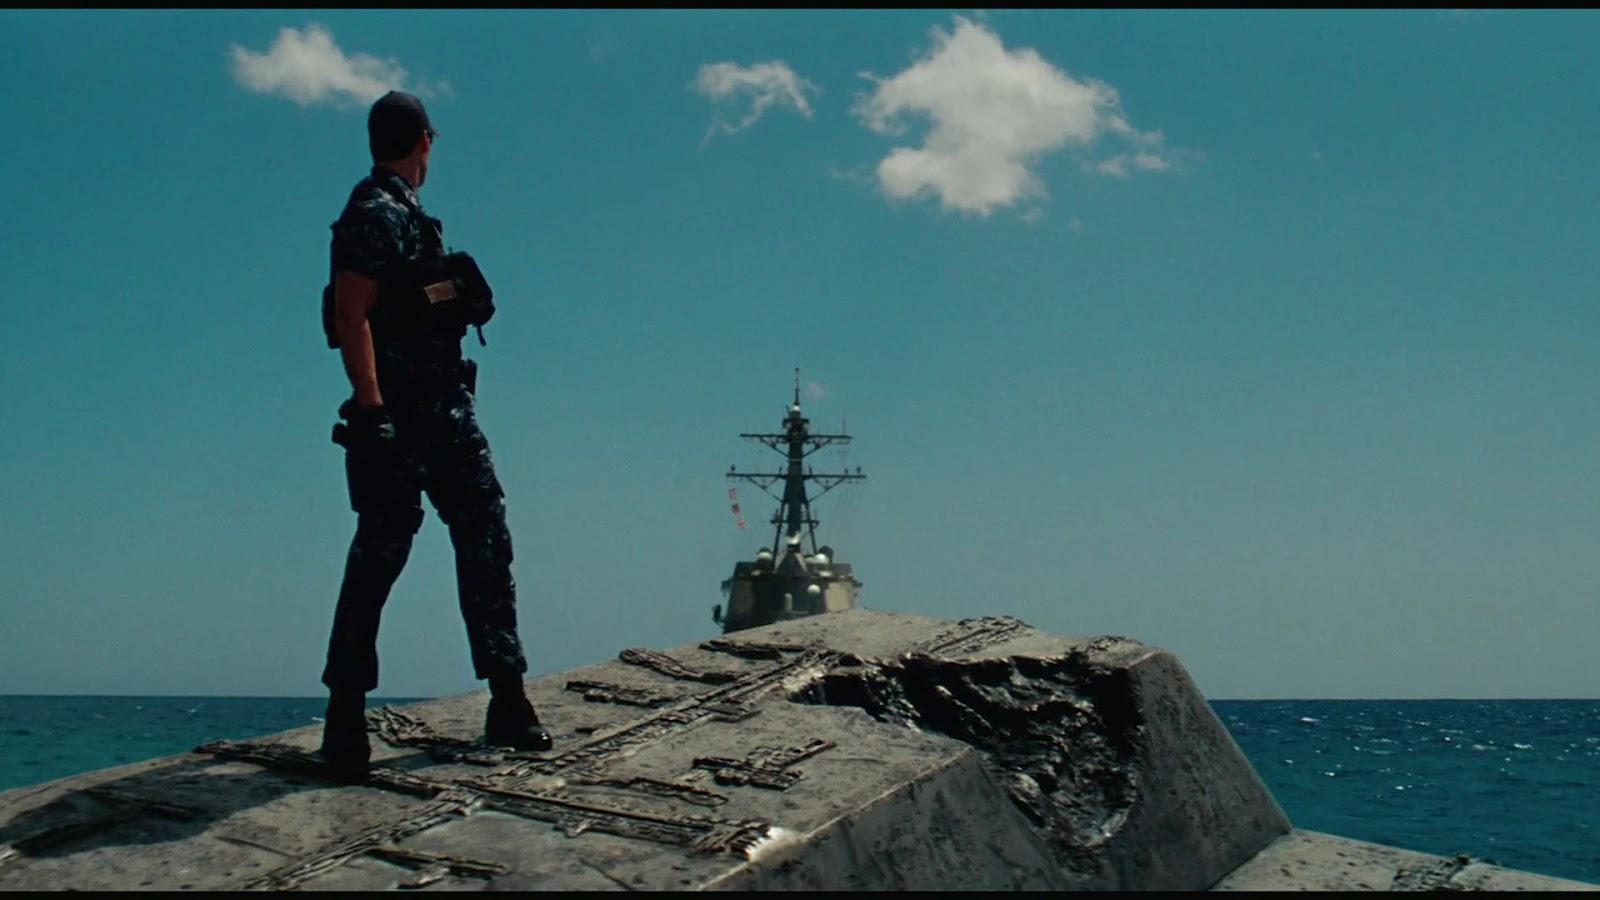 http://4.bp.blogspot.com/-_iqc1ctvJBE/UBHpvB762NI/AAAAAAAACgg/SuELKyl6Zoc/s1600/Battleship-094.jpg